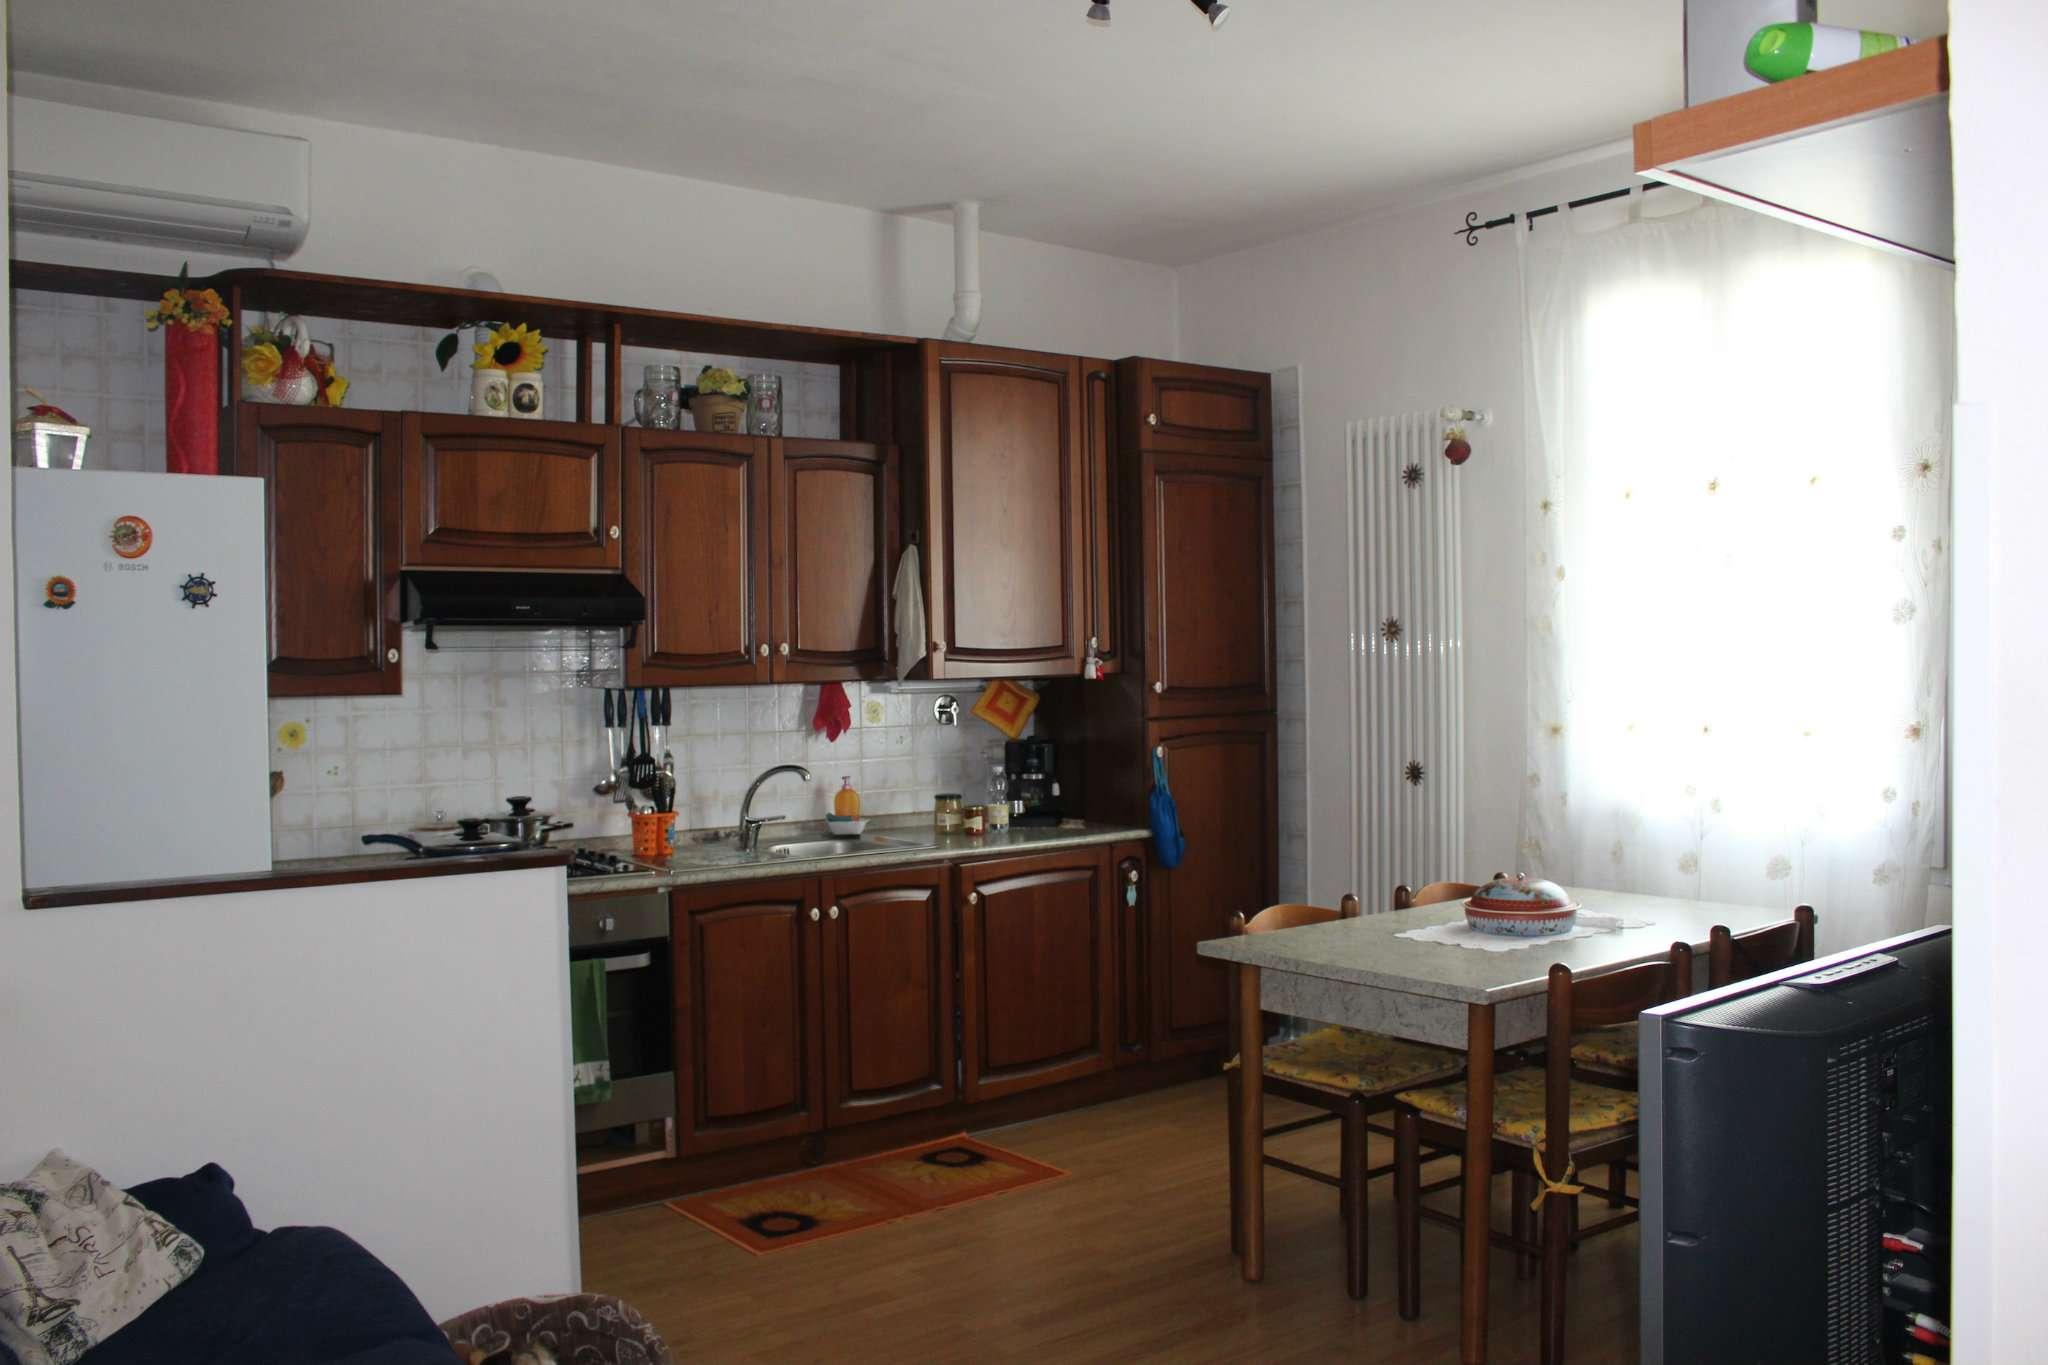 Appartamento ristrutturato in vendita a Medicina ad.ze